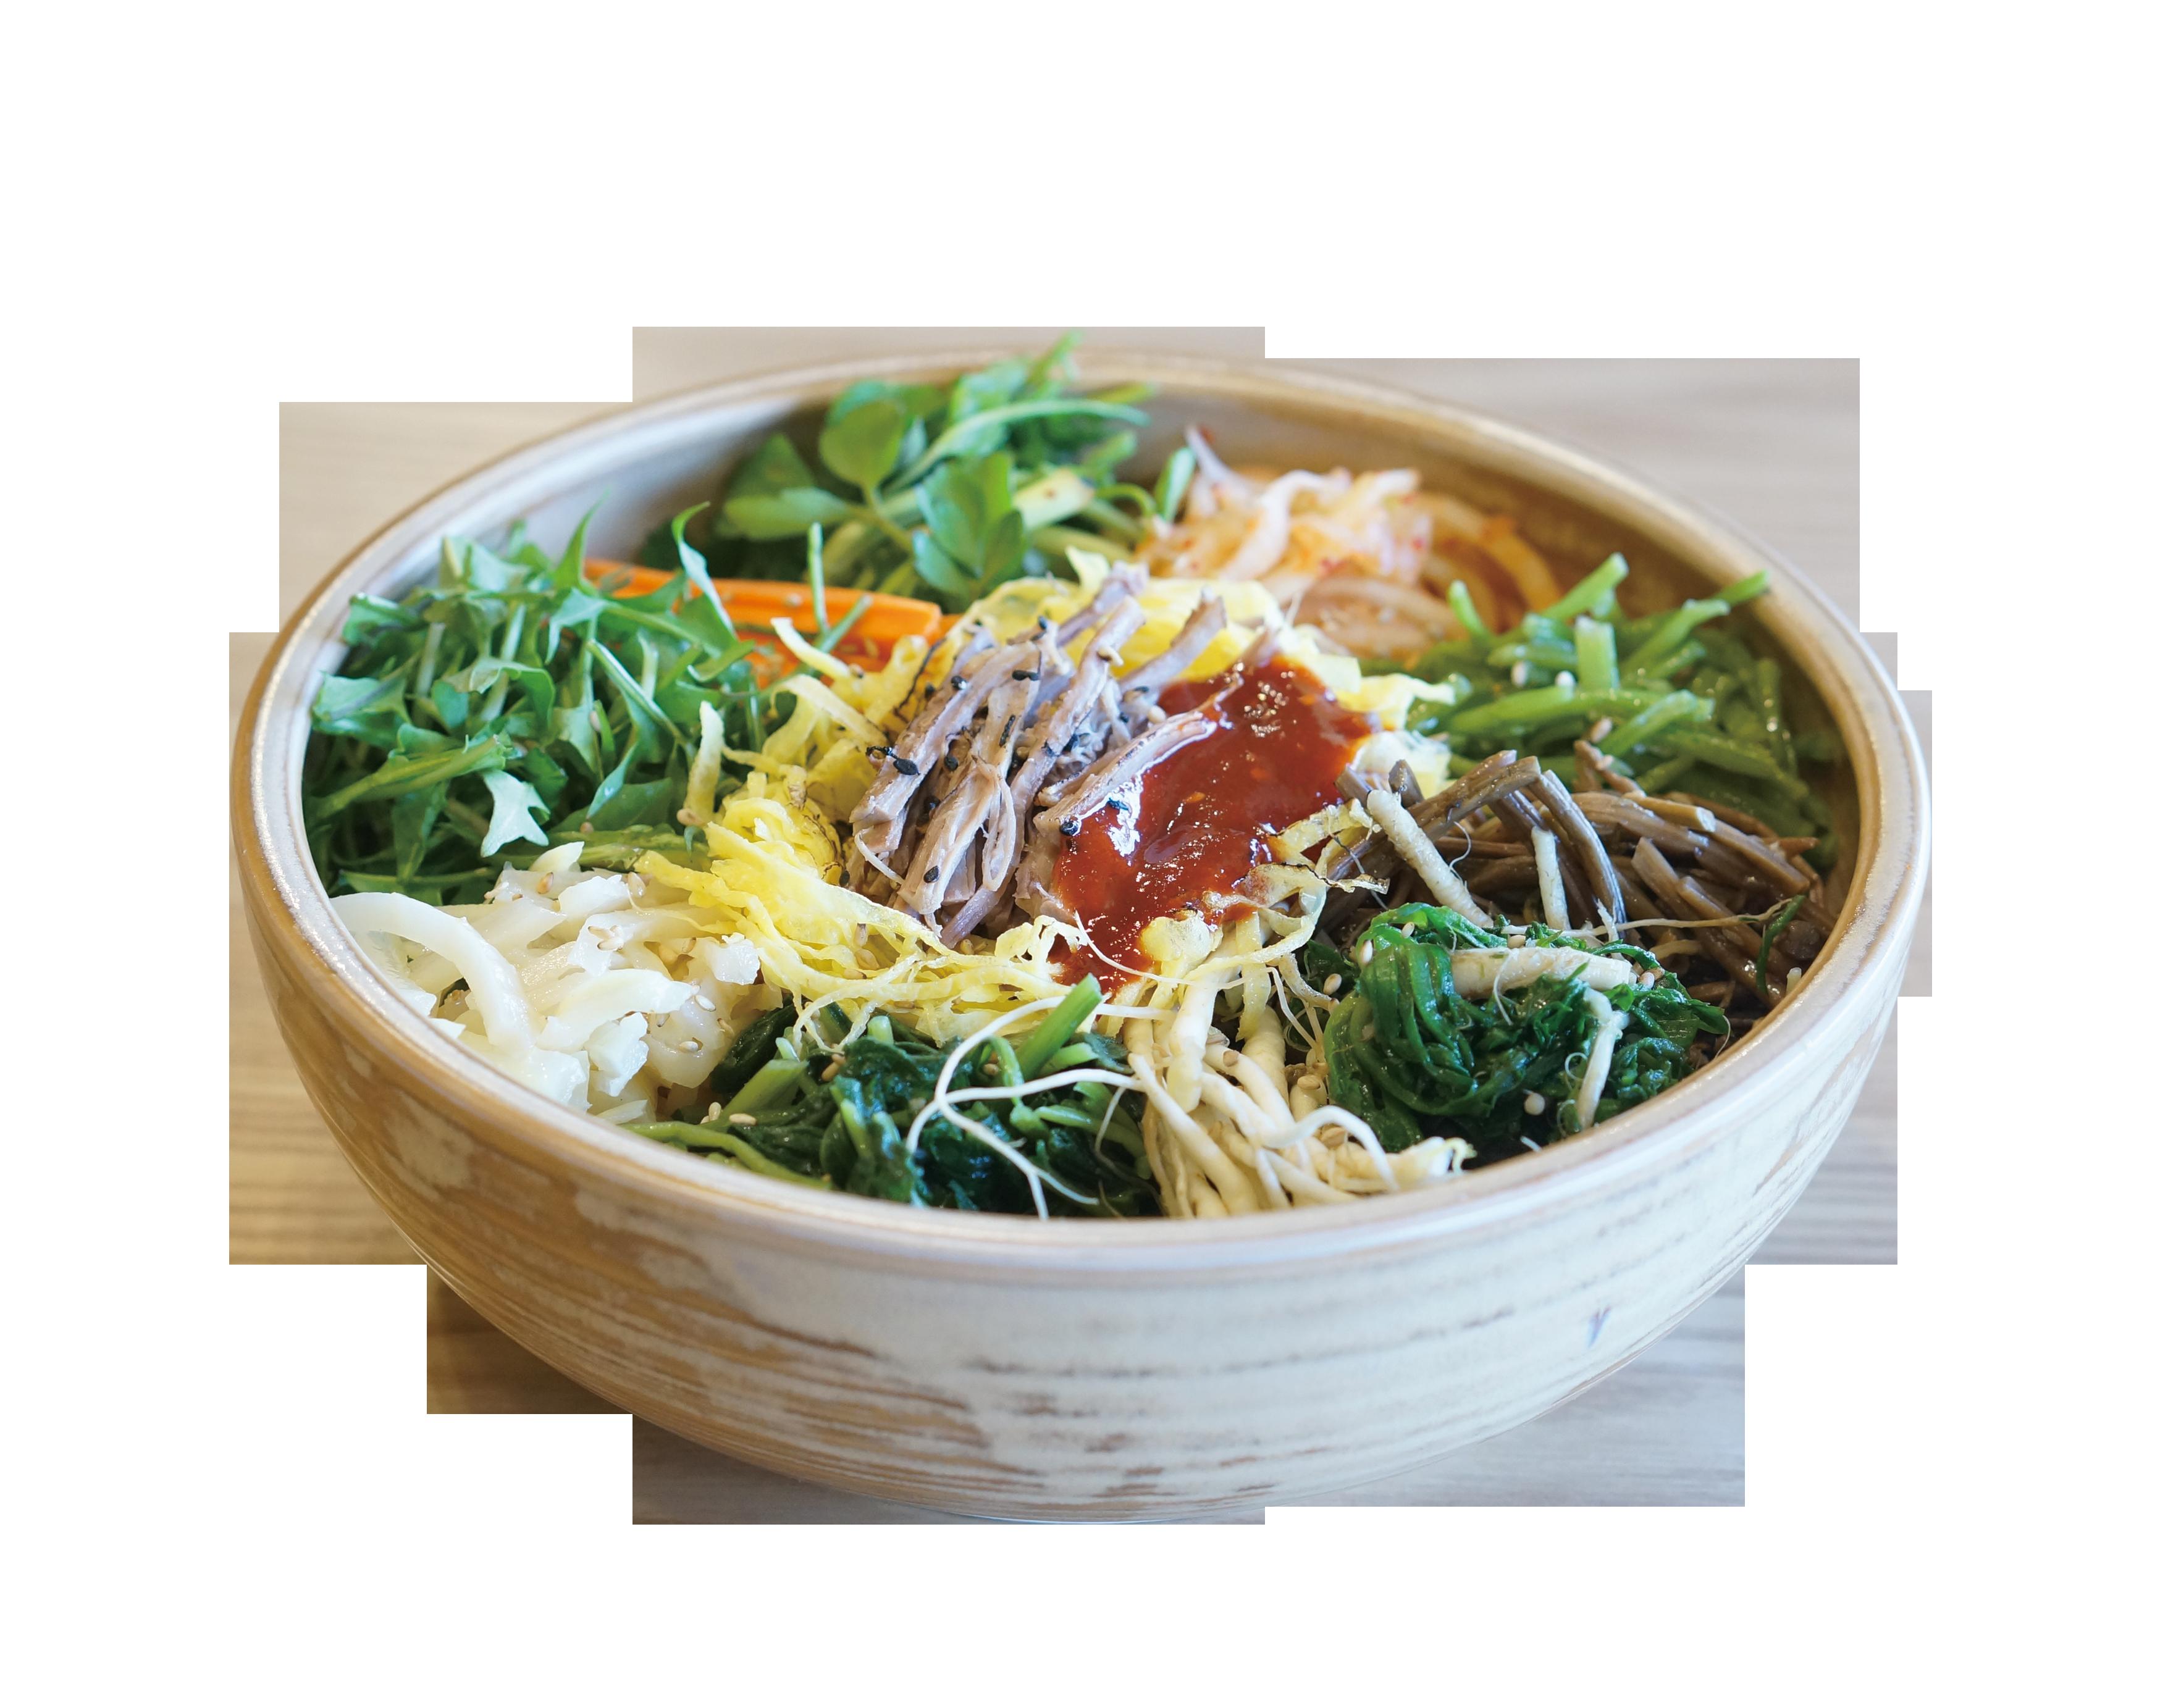 늘보리 봄나물 비빔밥